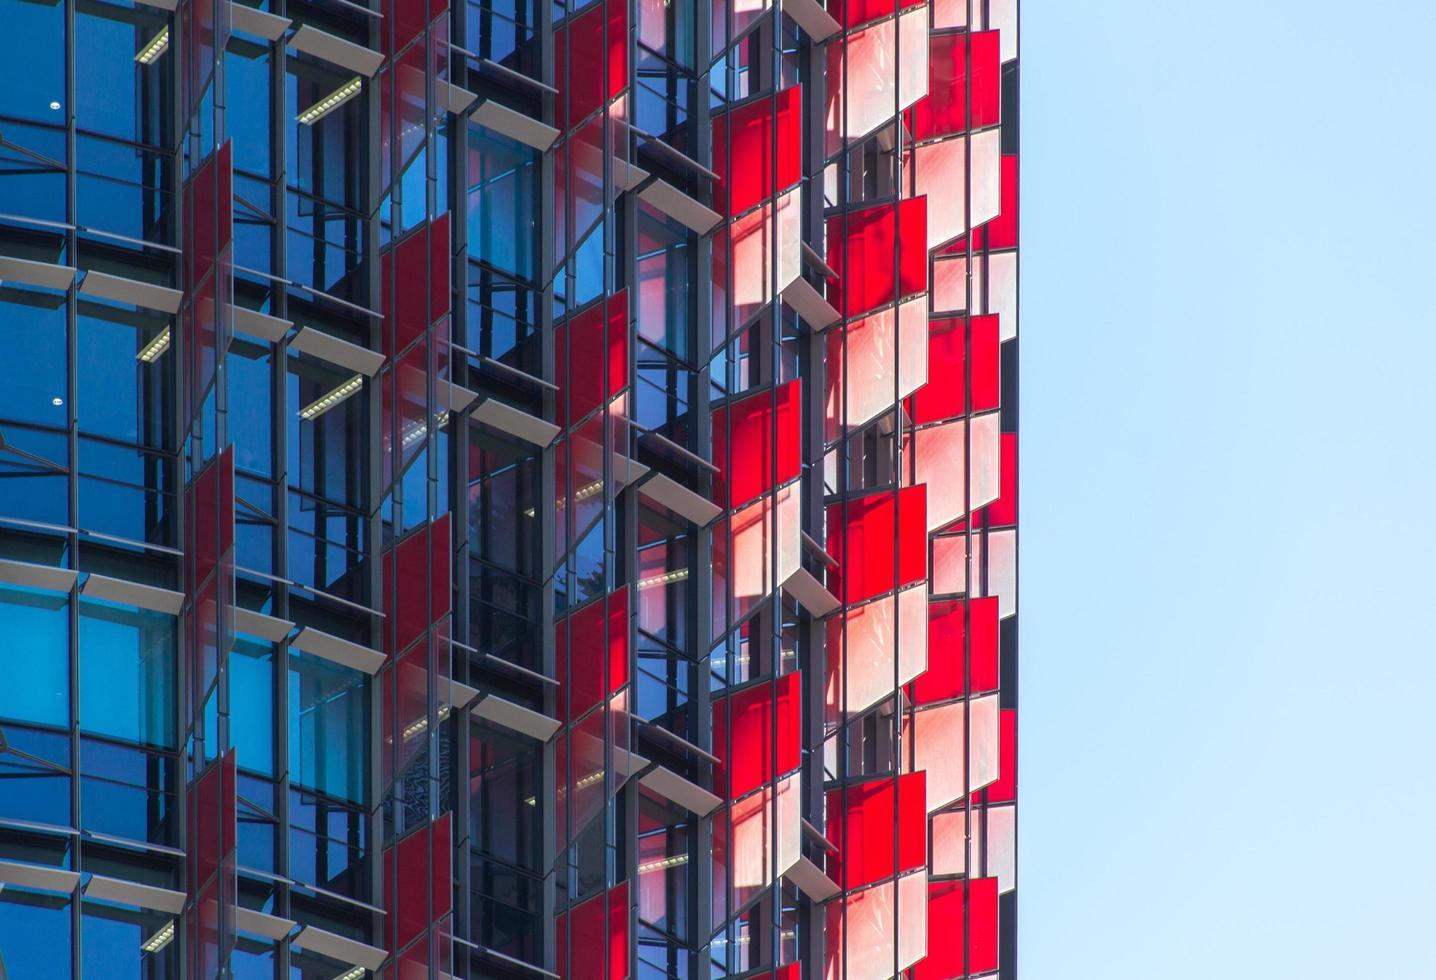 Barangaroo, Australie, 2020 - bâtiment avec des panneaux de vitraux rouges et blancs photo